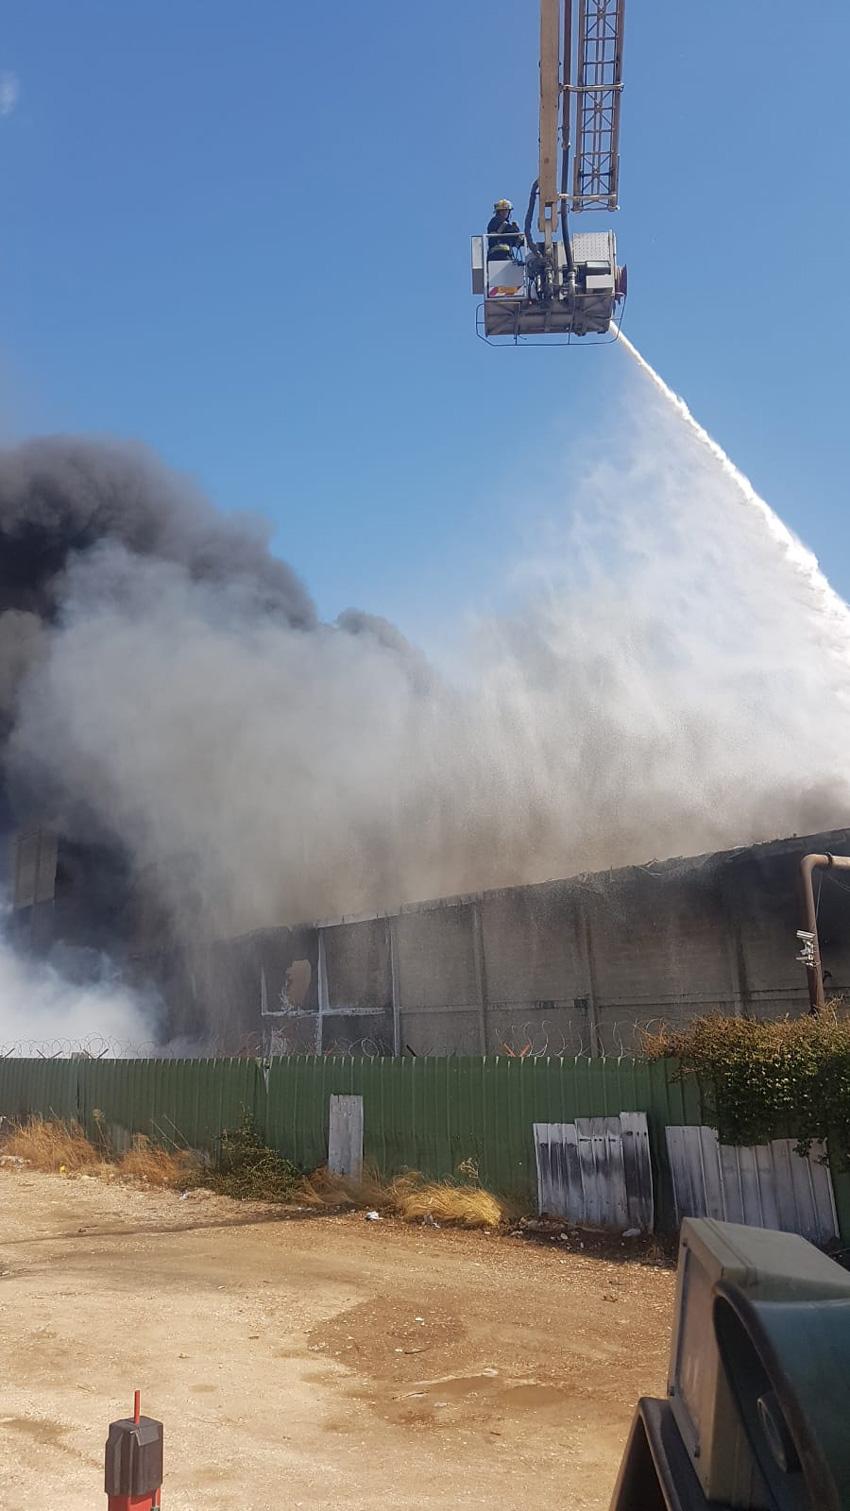 פעולות הכיבוי בשריפה במפעל שמן (צילום: דוברות שירותי הכיבוי וההצלה, מחוז חיפה)